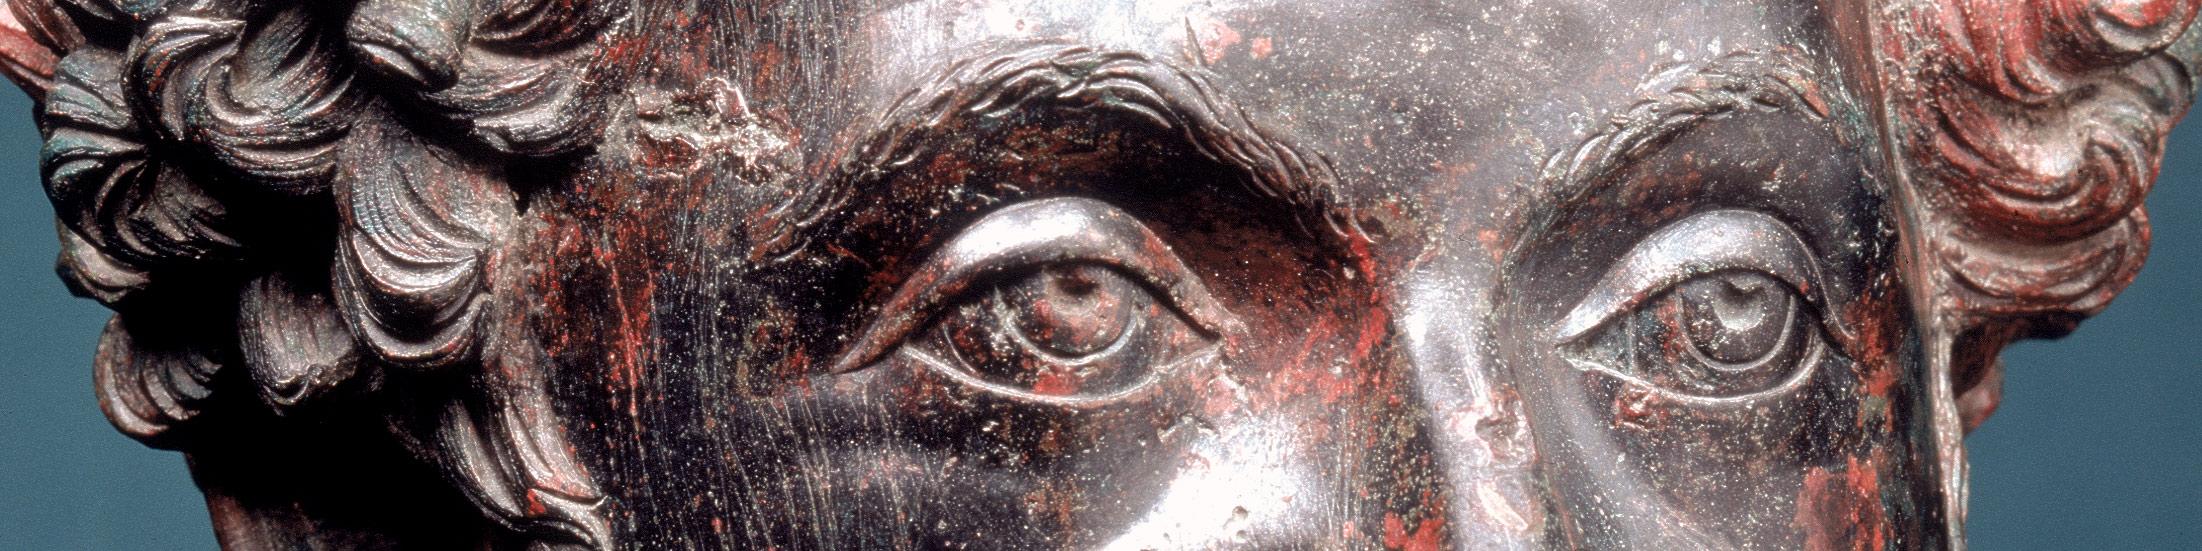 Marcus Aurelius bronze portrait found in Pecs, Hungary